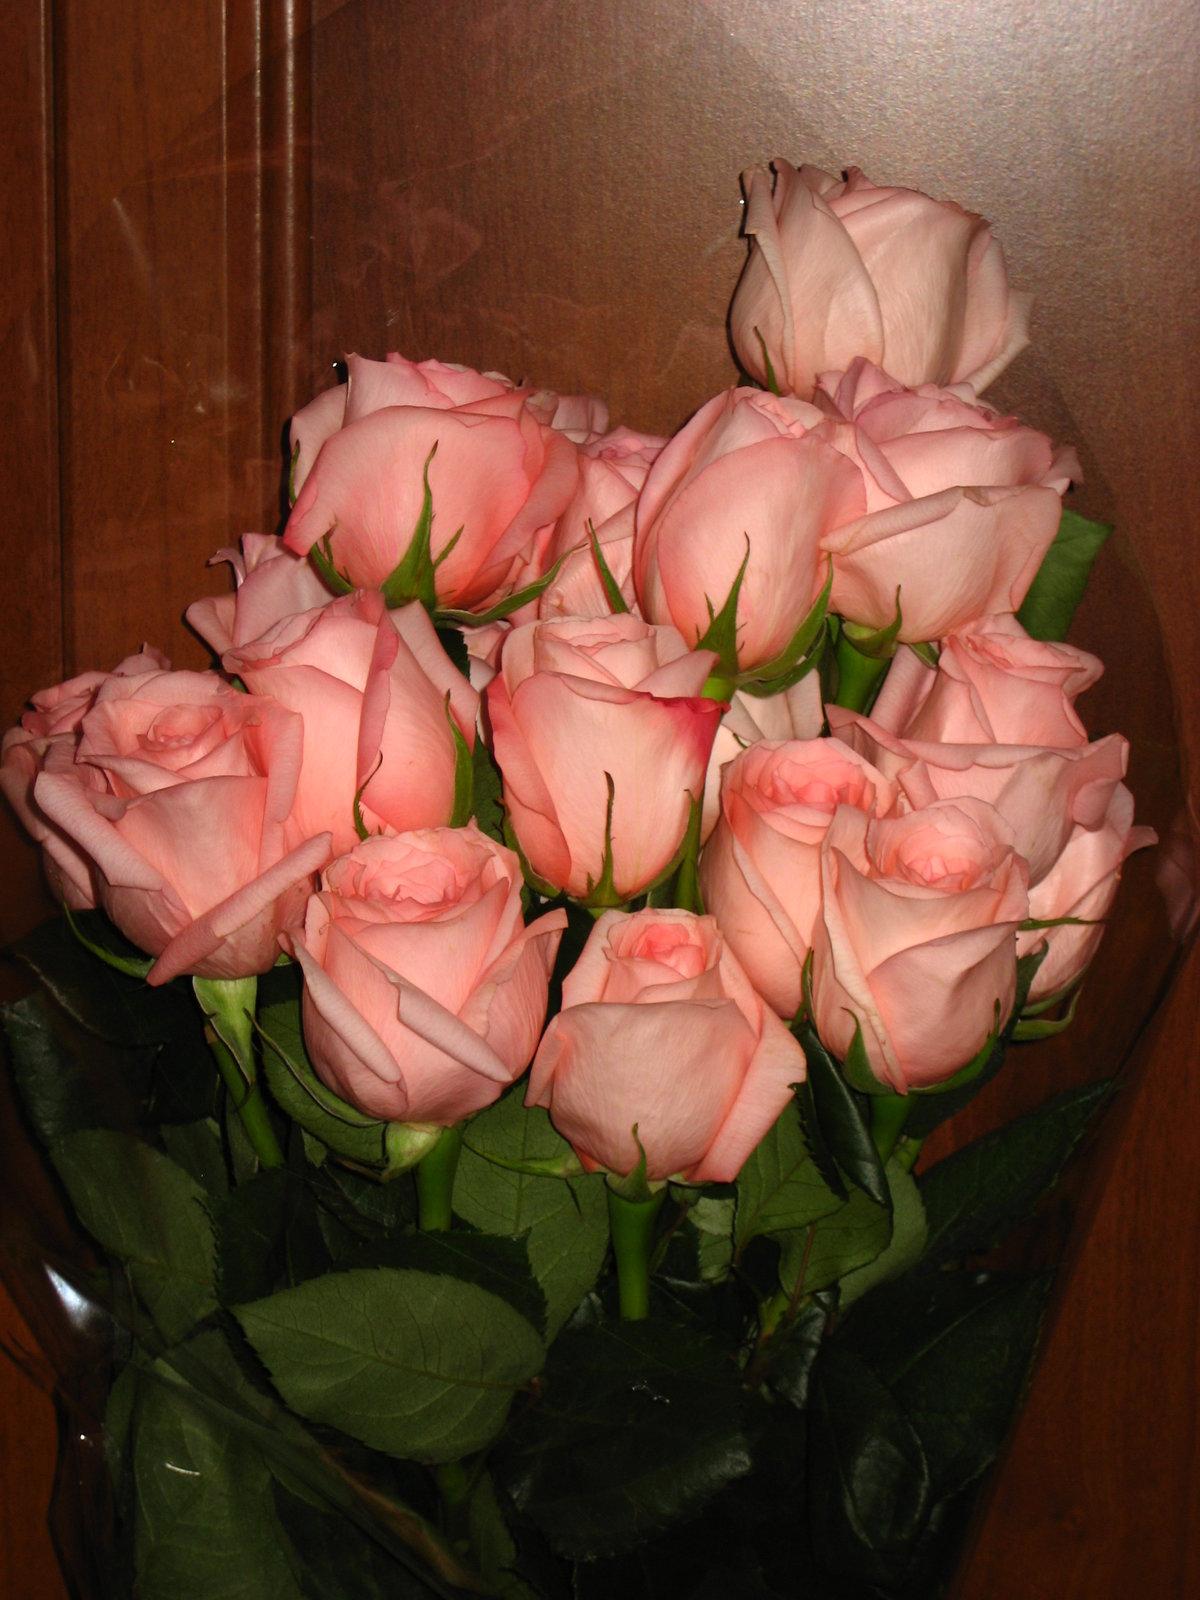 букеты цветов фотографии дома магазины элитные